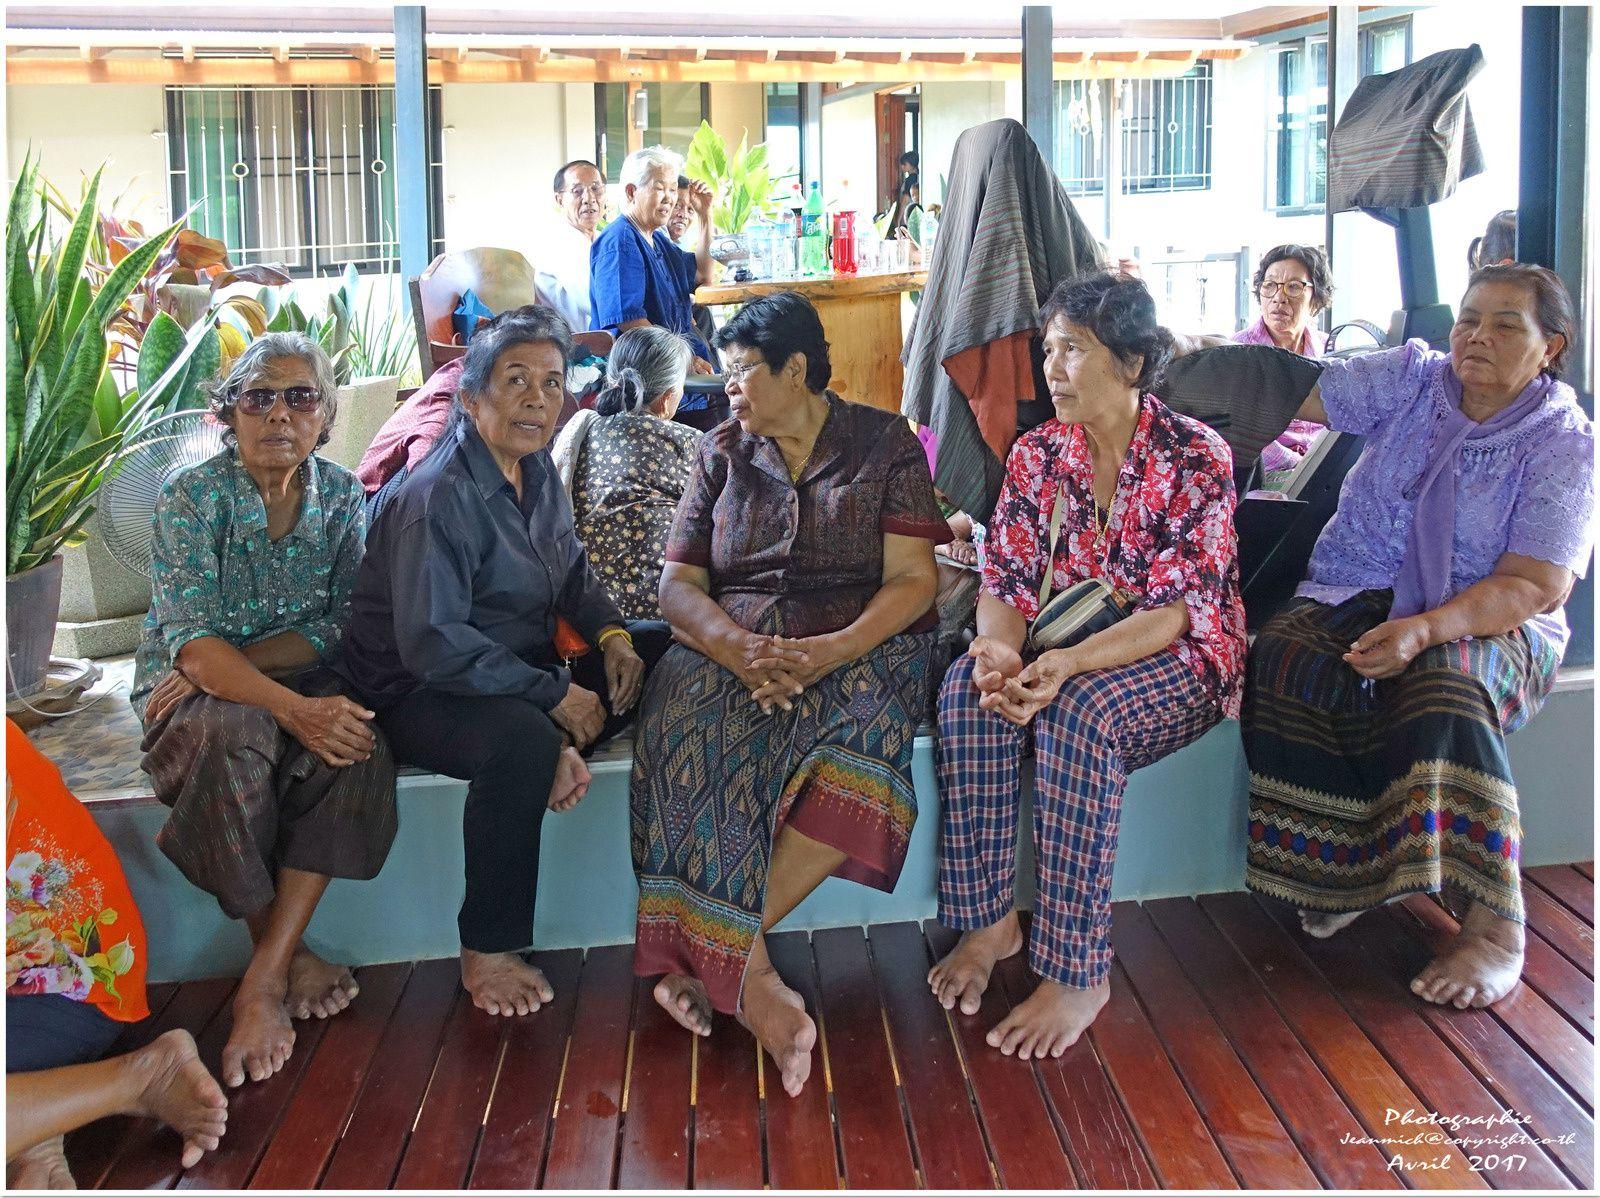 Bénédiction de la maison de nos amis à Khon Kaen (Thaïlande)